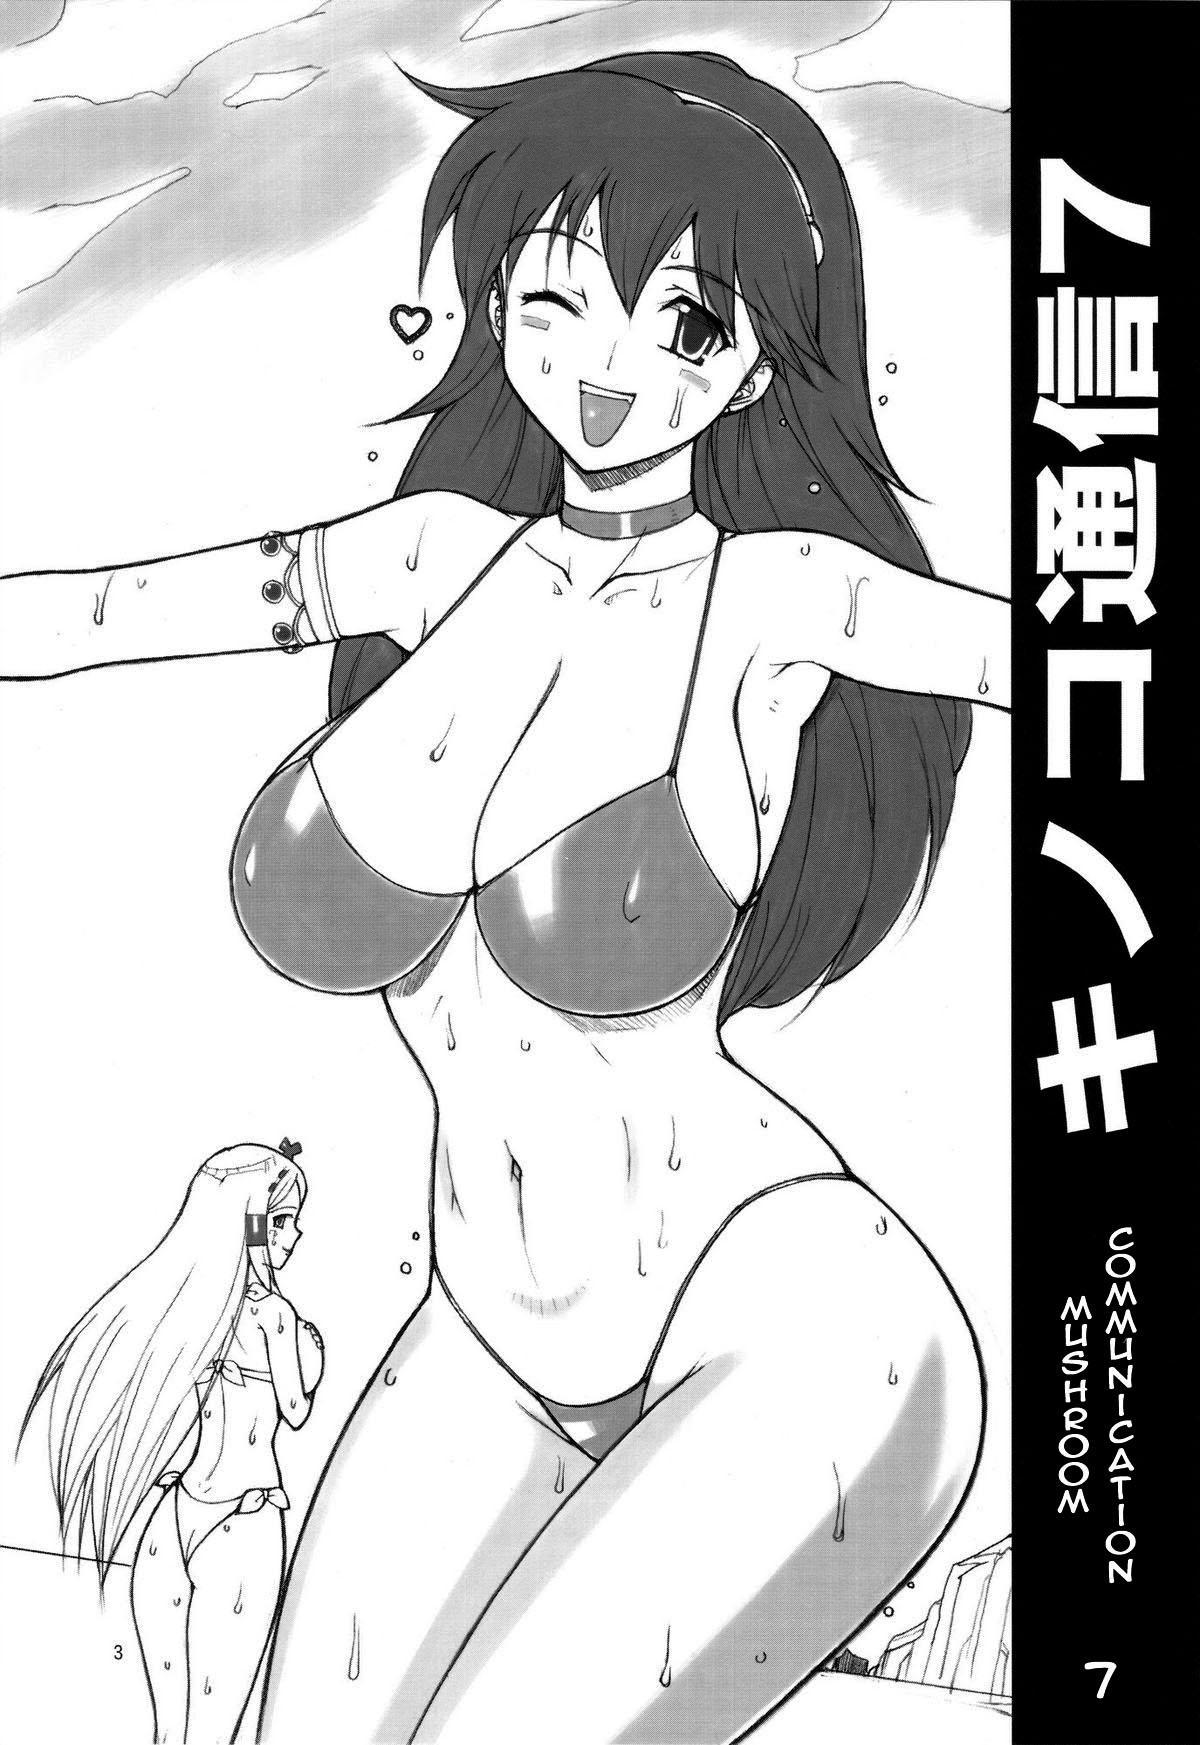 Kinoko Tsuushin 7 | Mushroom Communication 7 1